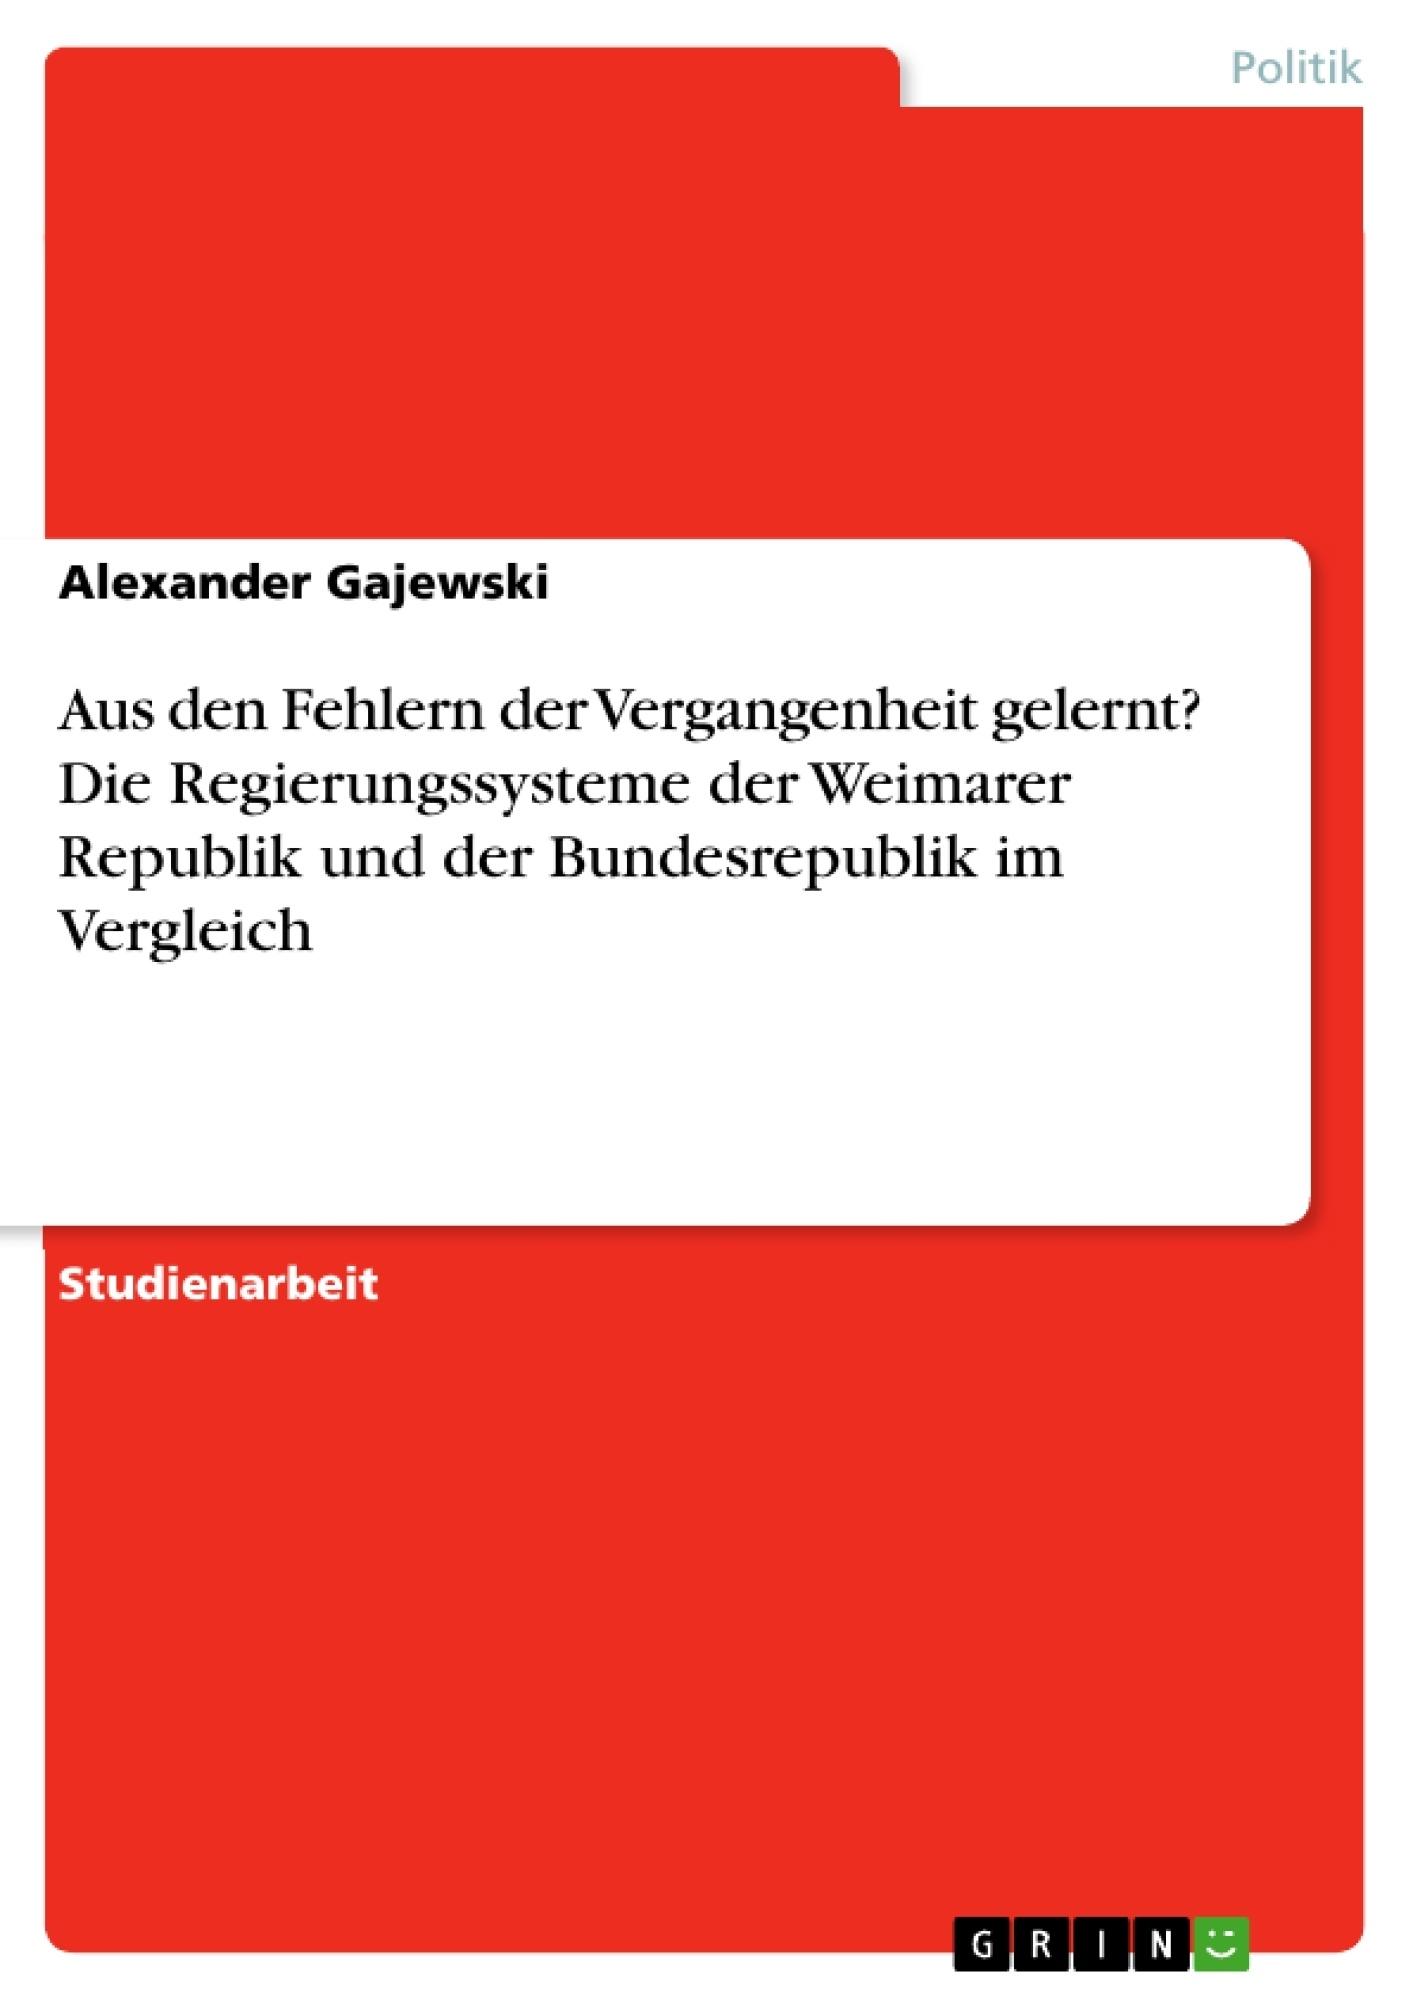 Titel: Aus den Fehlern der Vergangenheit gelernt? Die Regierungssysteme der Weimarer Republik und der Bundesrepublik im Vergleich